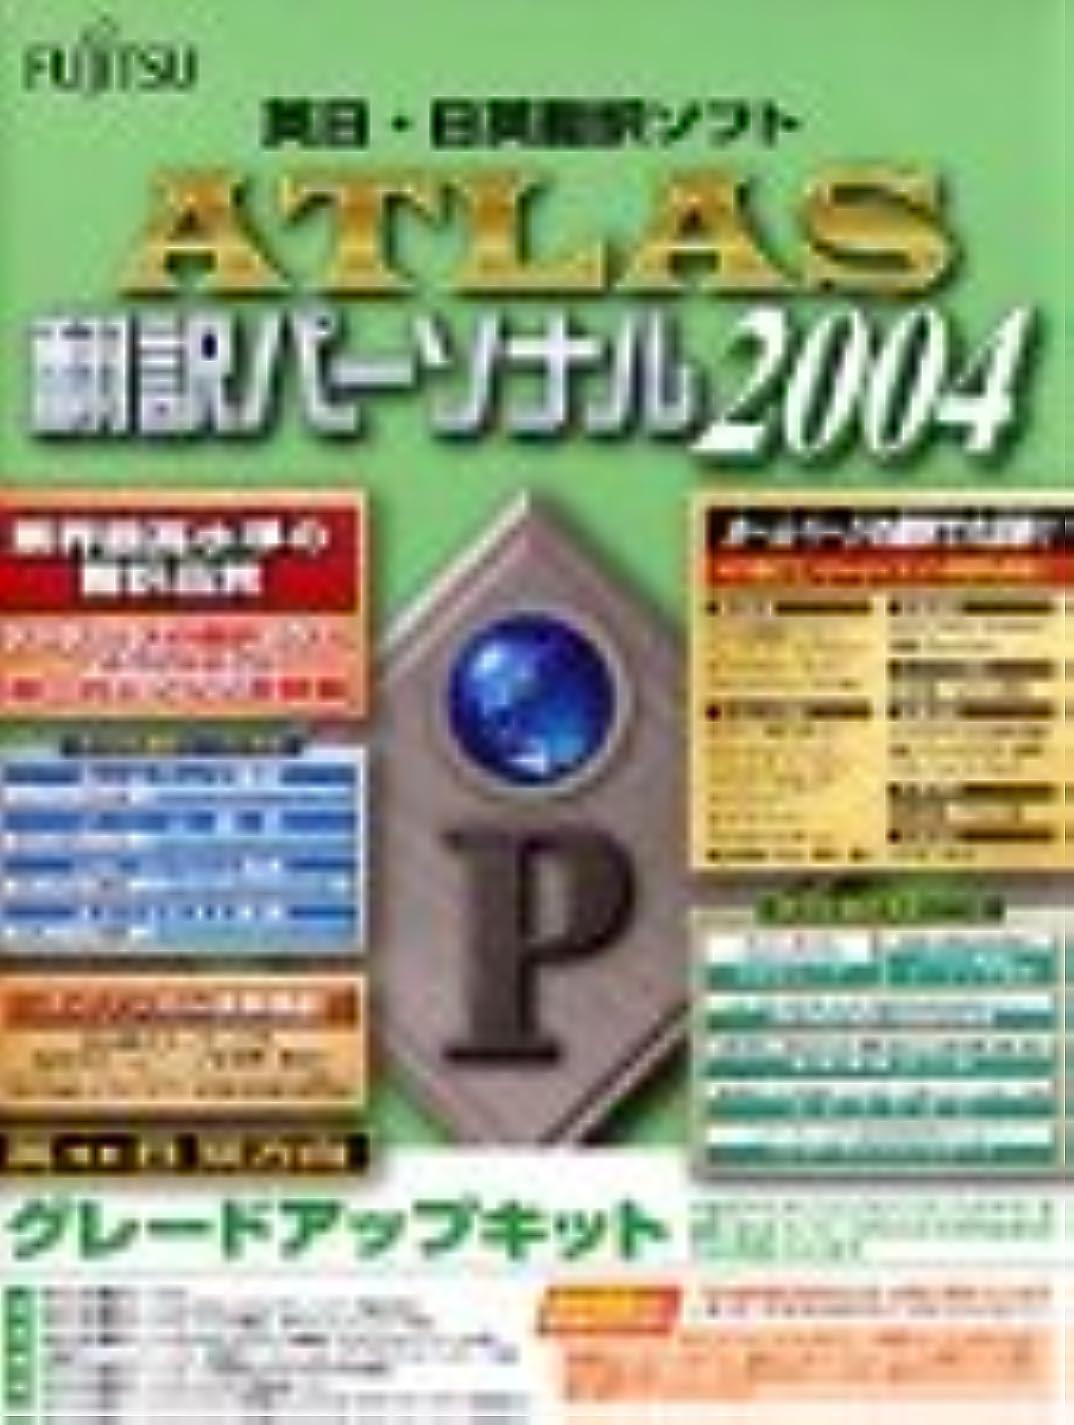 ATLAS翻訳パーソナル グレードアップキット2004